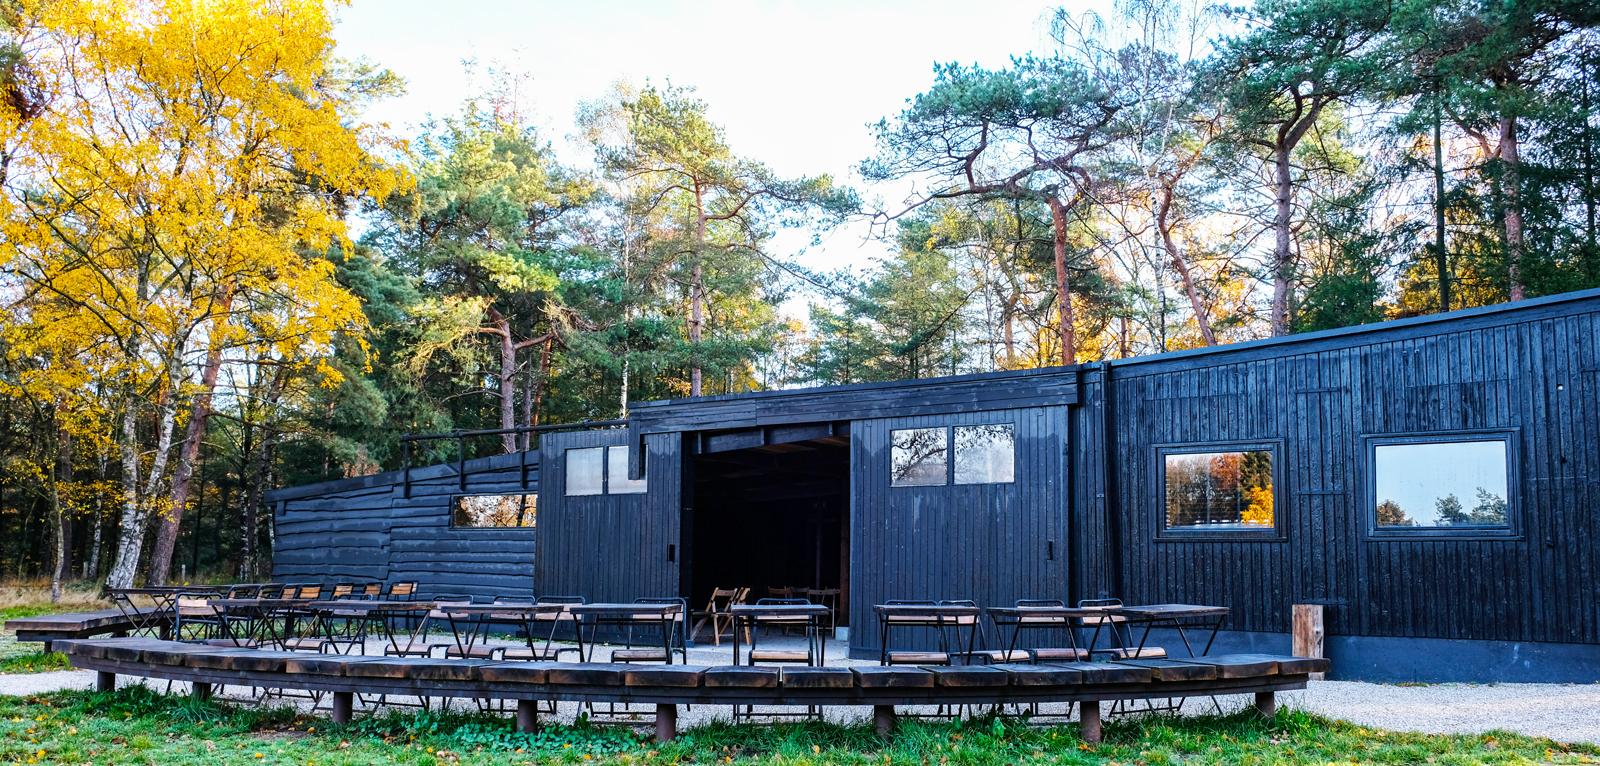 natuurbegraafplaats-uitvaart-heidepol-gelderland